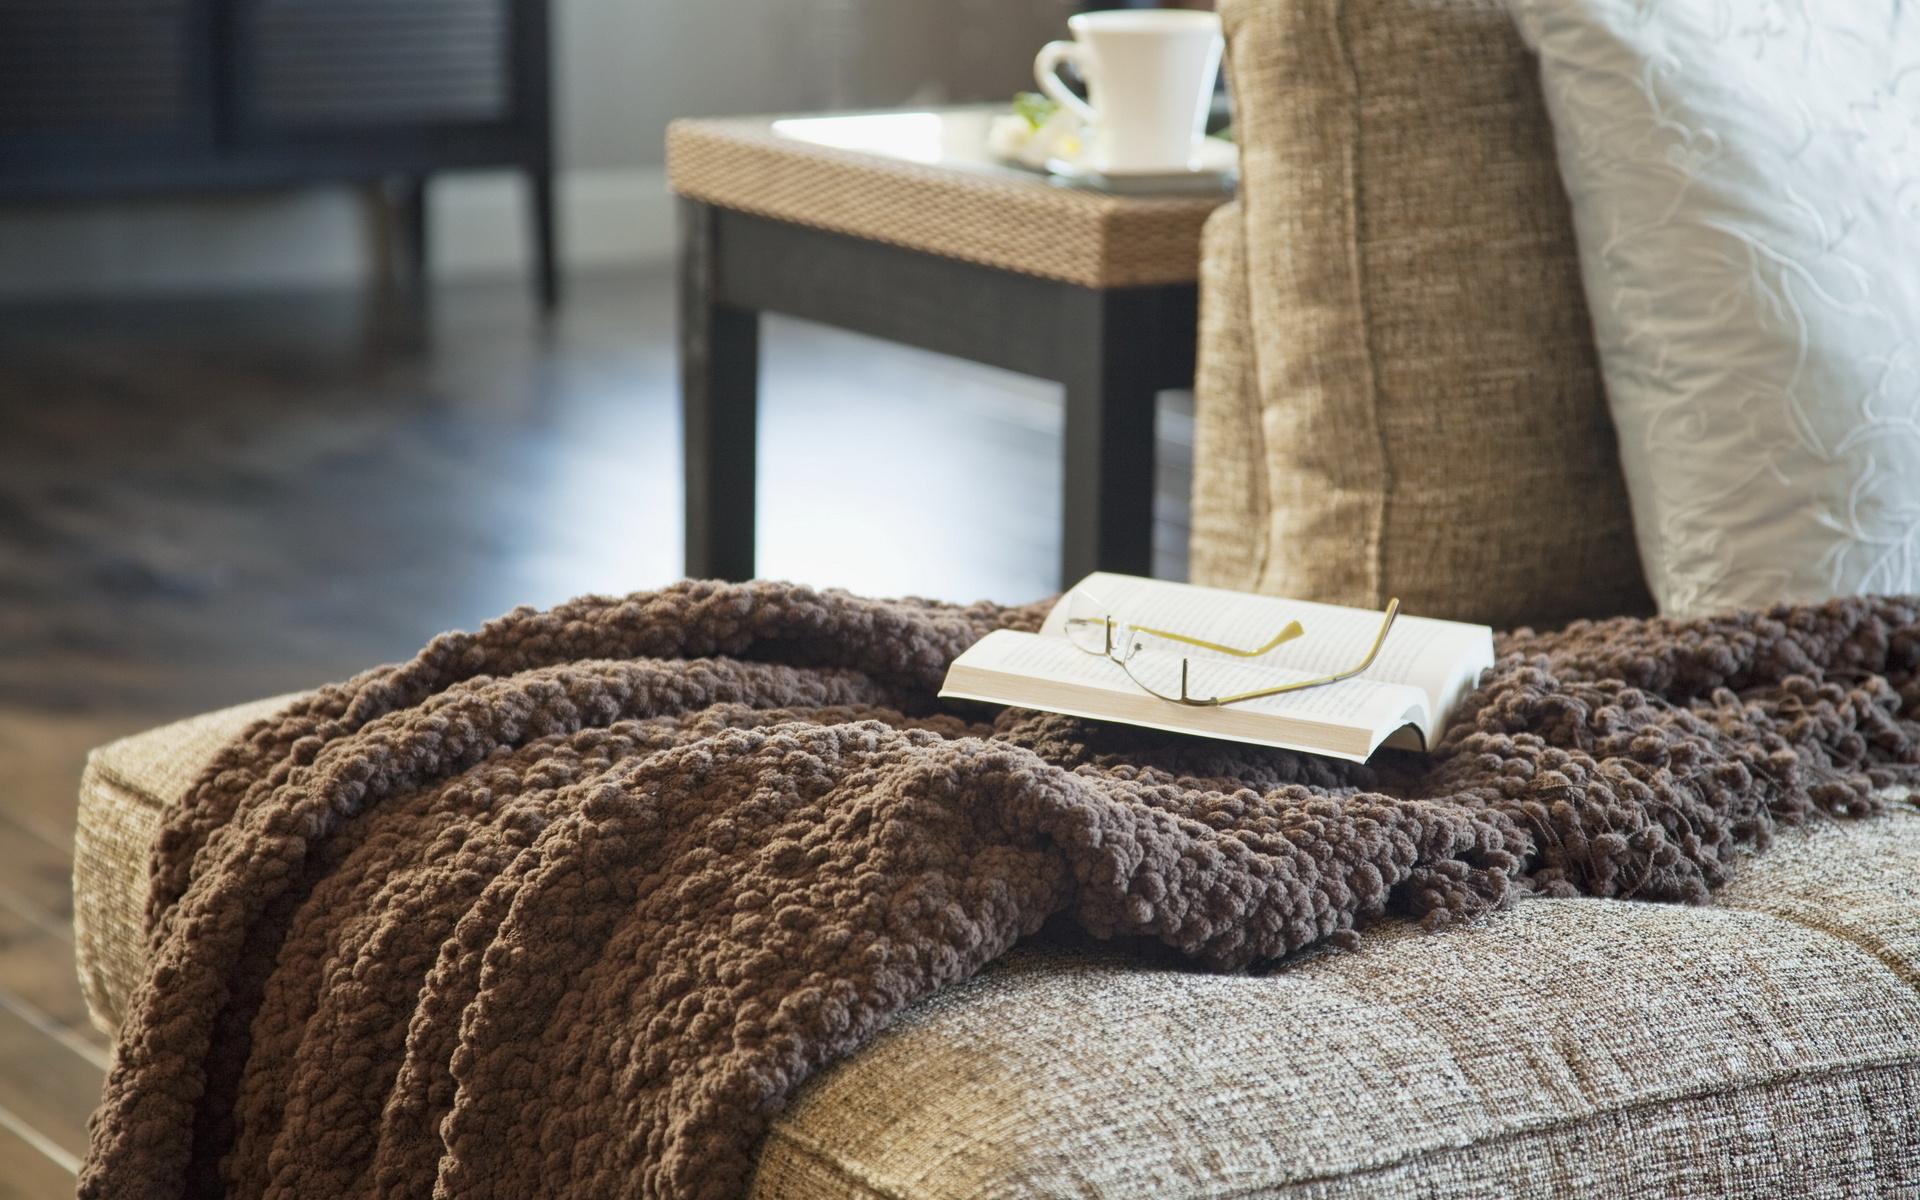 Как купить электрическое одеяло: советы, которые вы должны знать